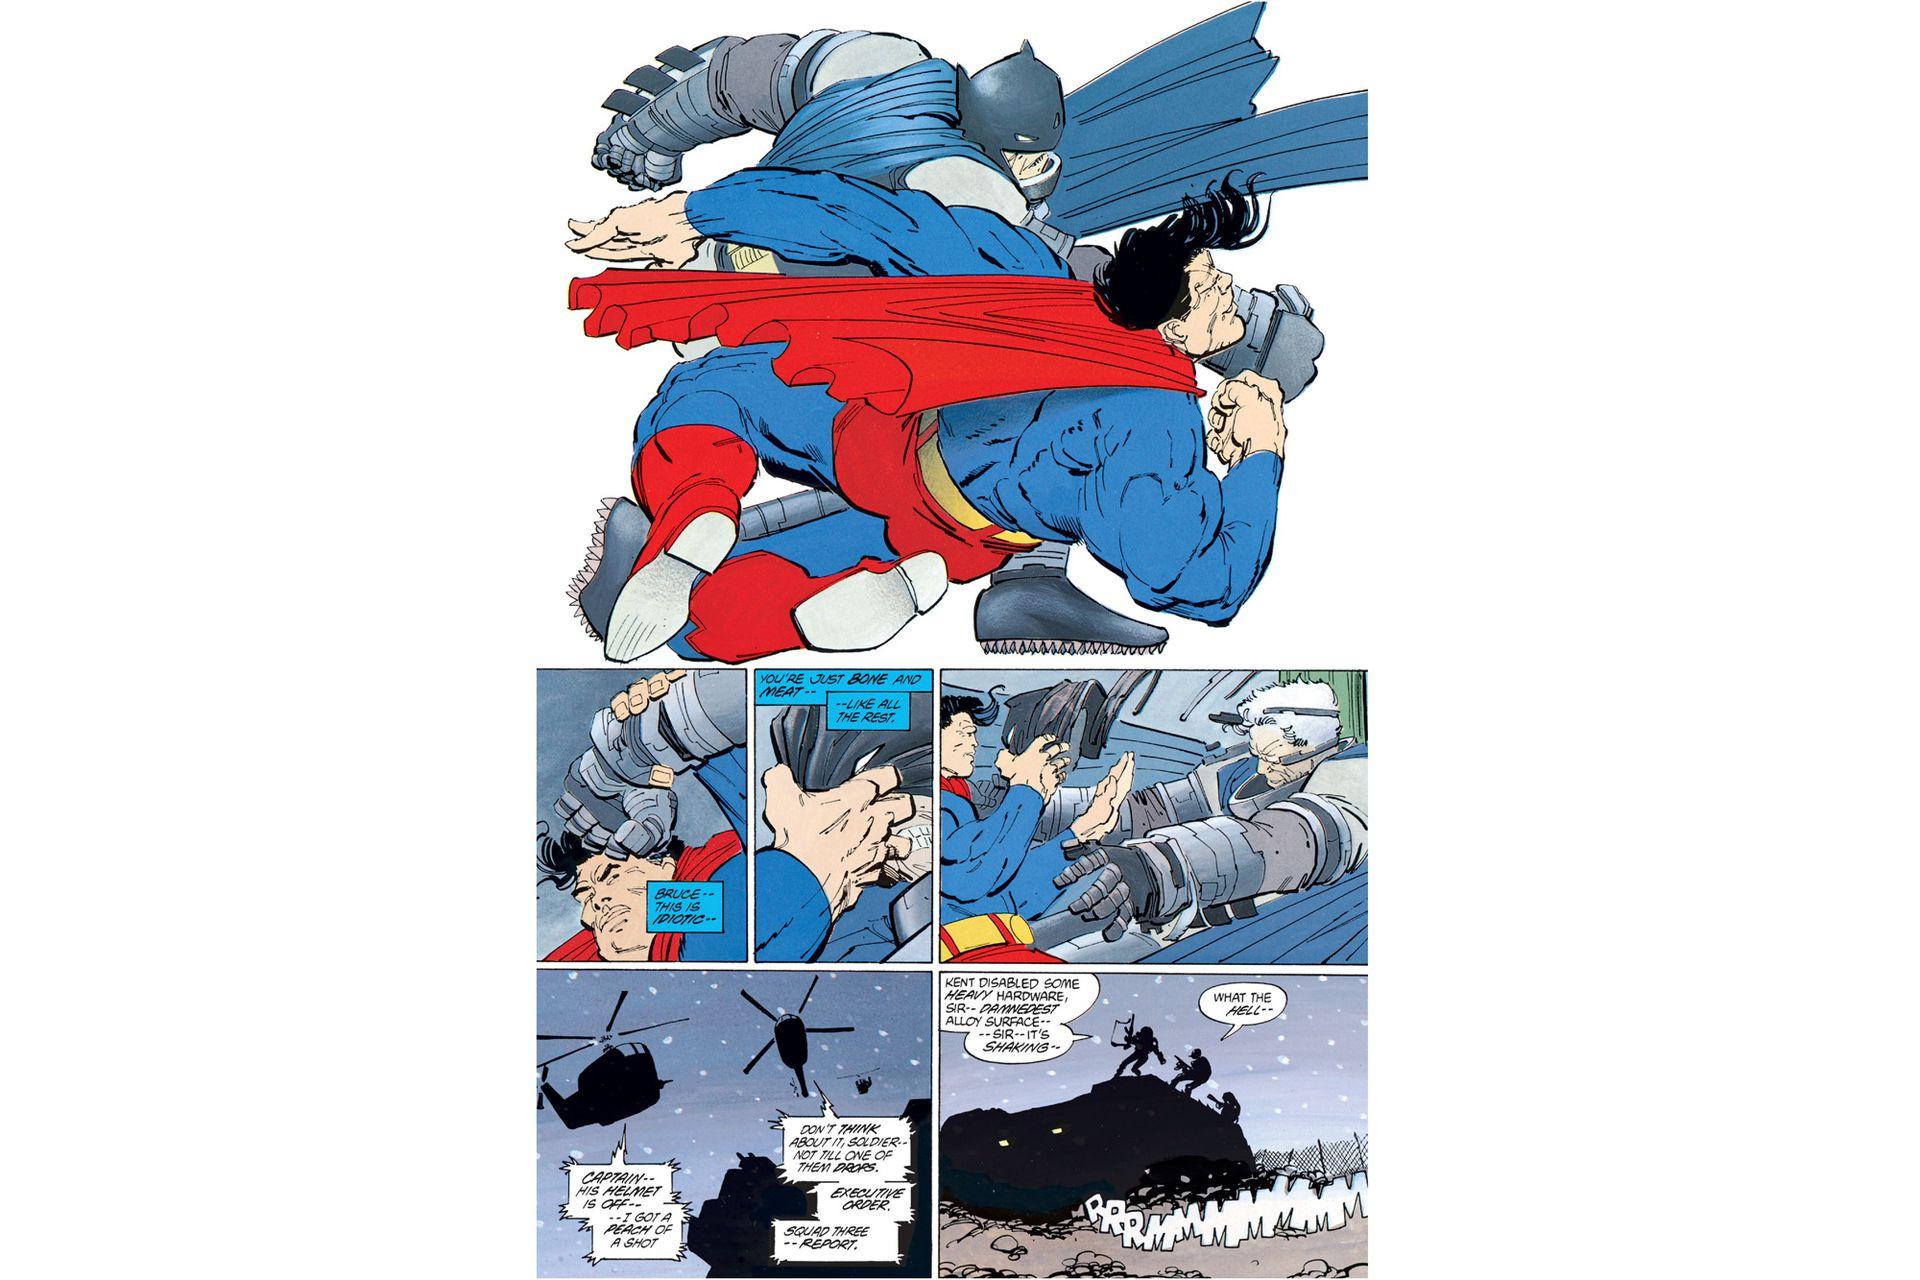 En El regreso del Caballero de la Noche, Frank Miller enfrenta a un Batman cincuentón y revolucionario, contra un Superman conservador bajo las órdenes de Ronald Reagan. Zack Snyder adaptó esta secuencia dentro del film Batman versus Superman.